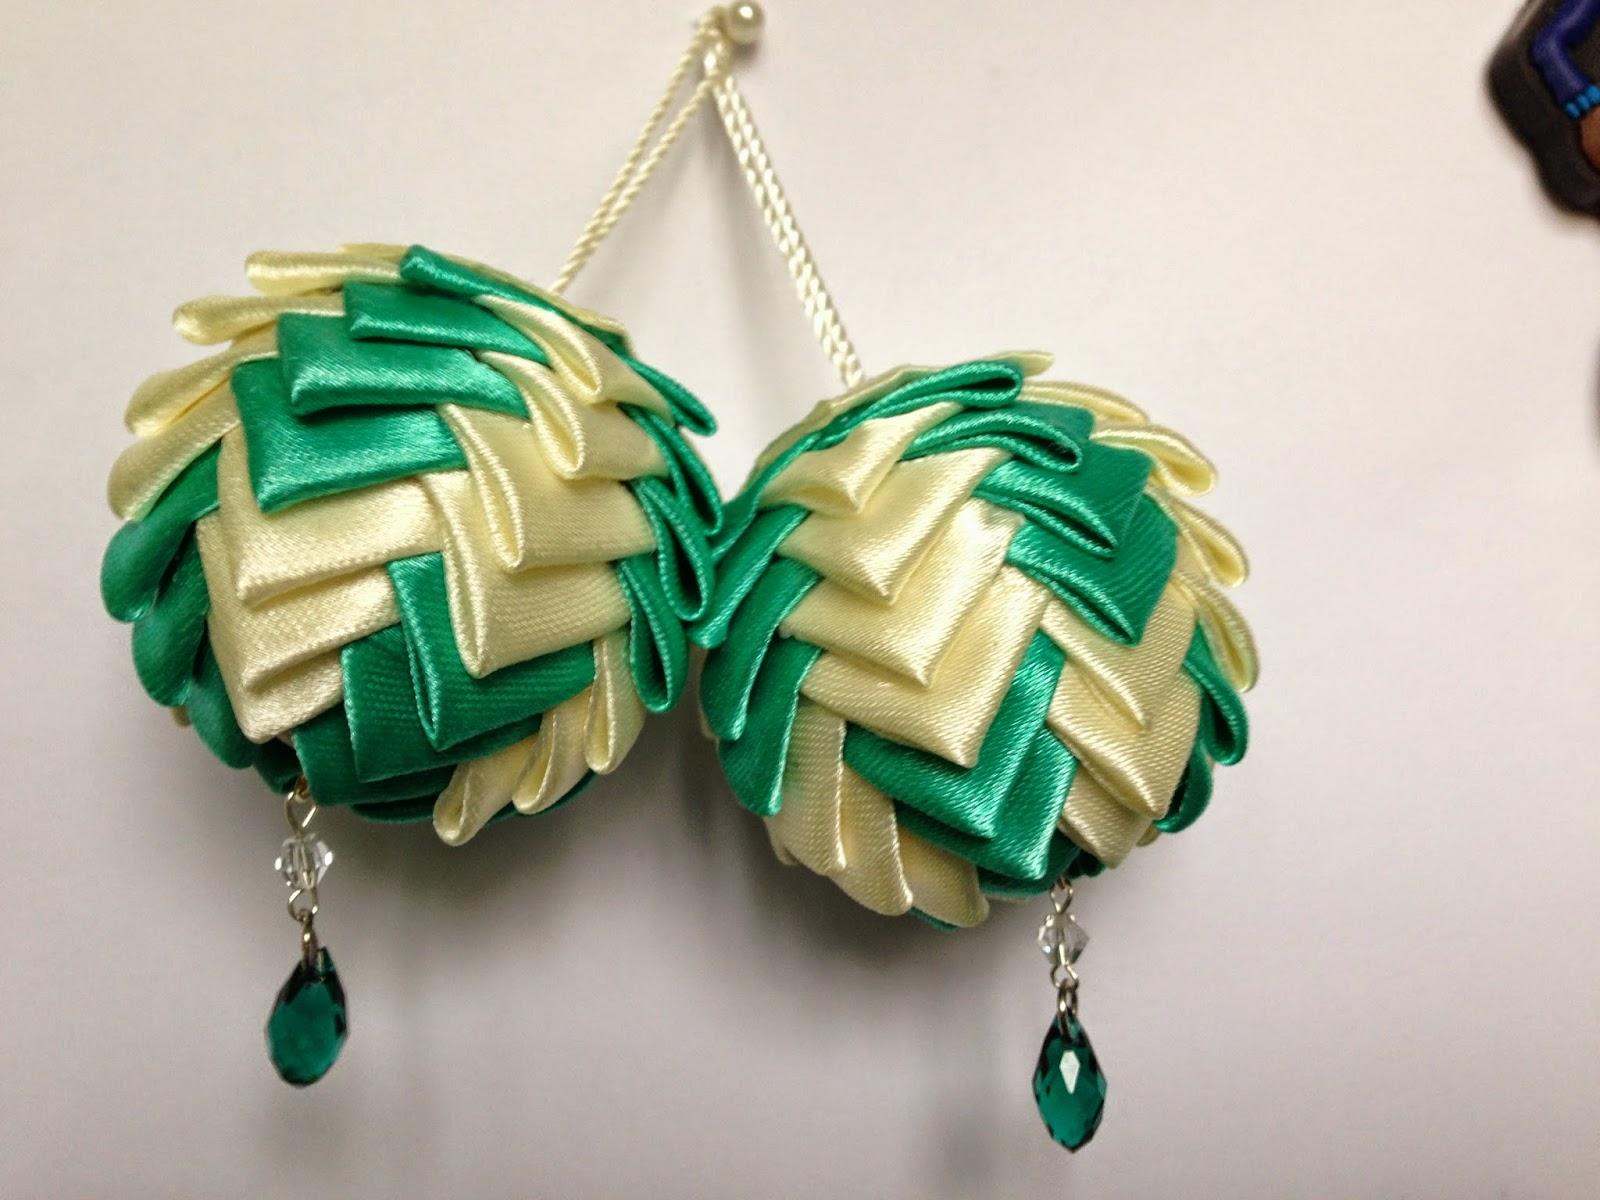 шар из лент, шишка из лент, шар канзаши, шишка канзаши, новогодний шар своими руками